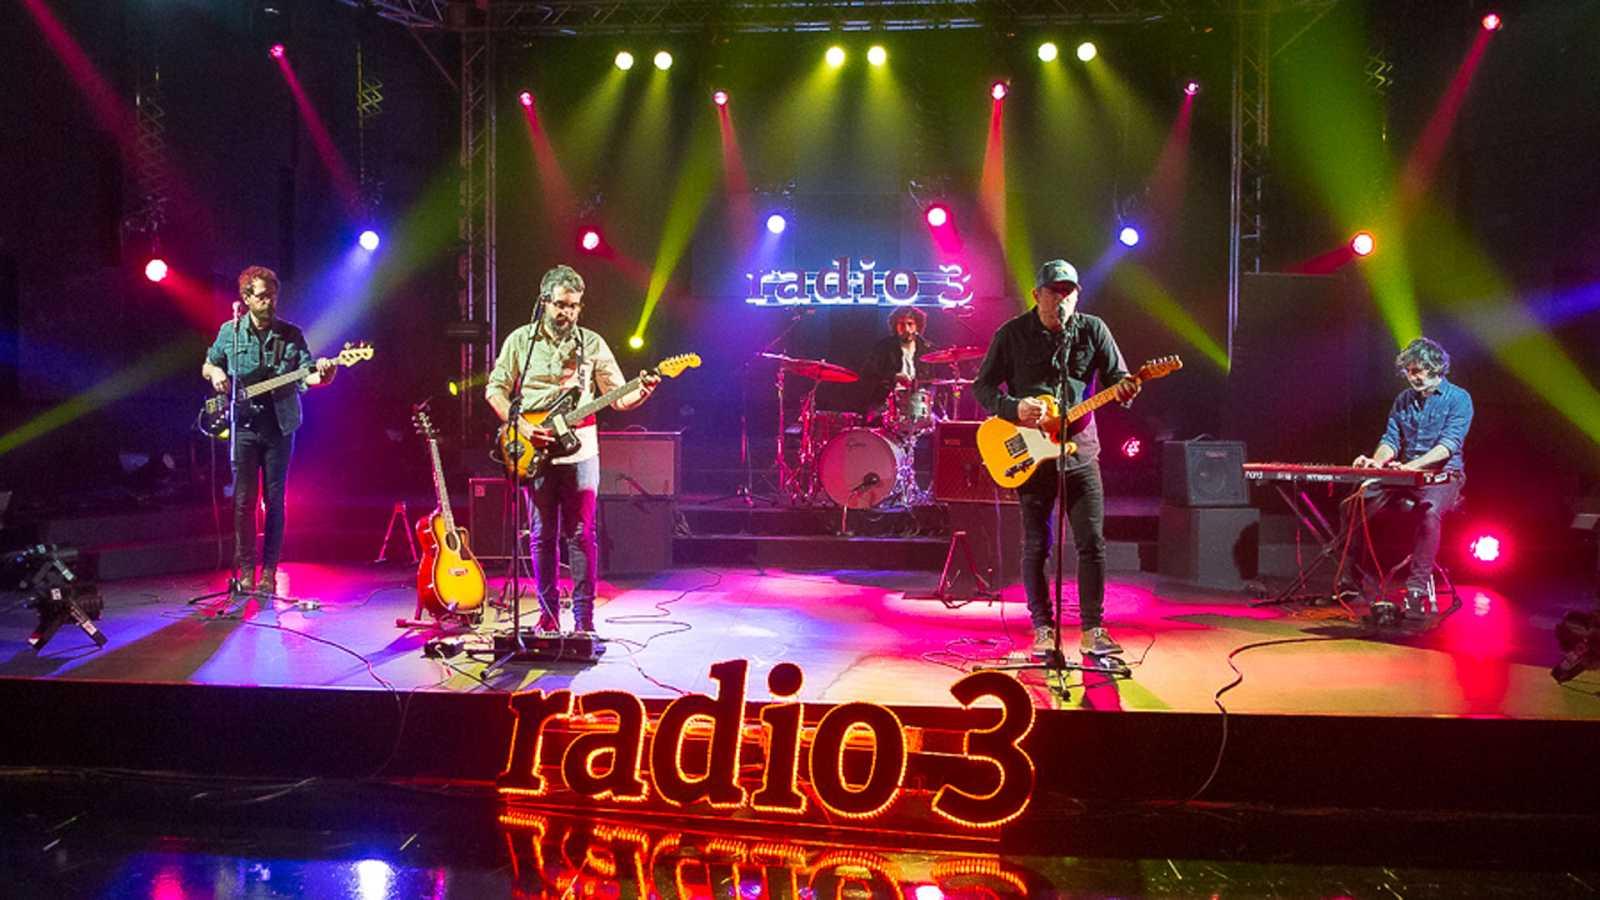 Los conciertos de Radio 3 - The Flamingos Bite - ver ahora